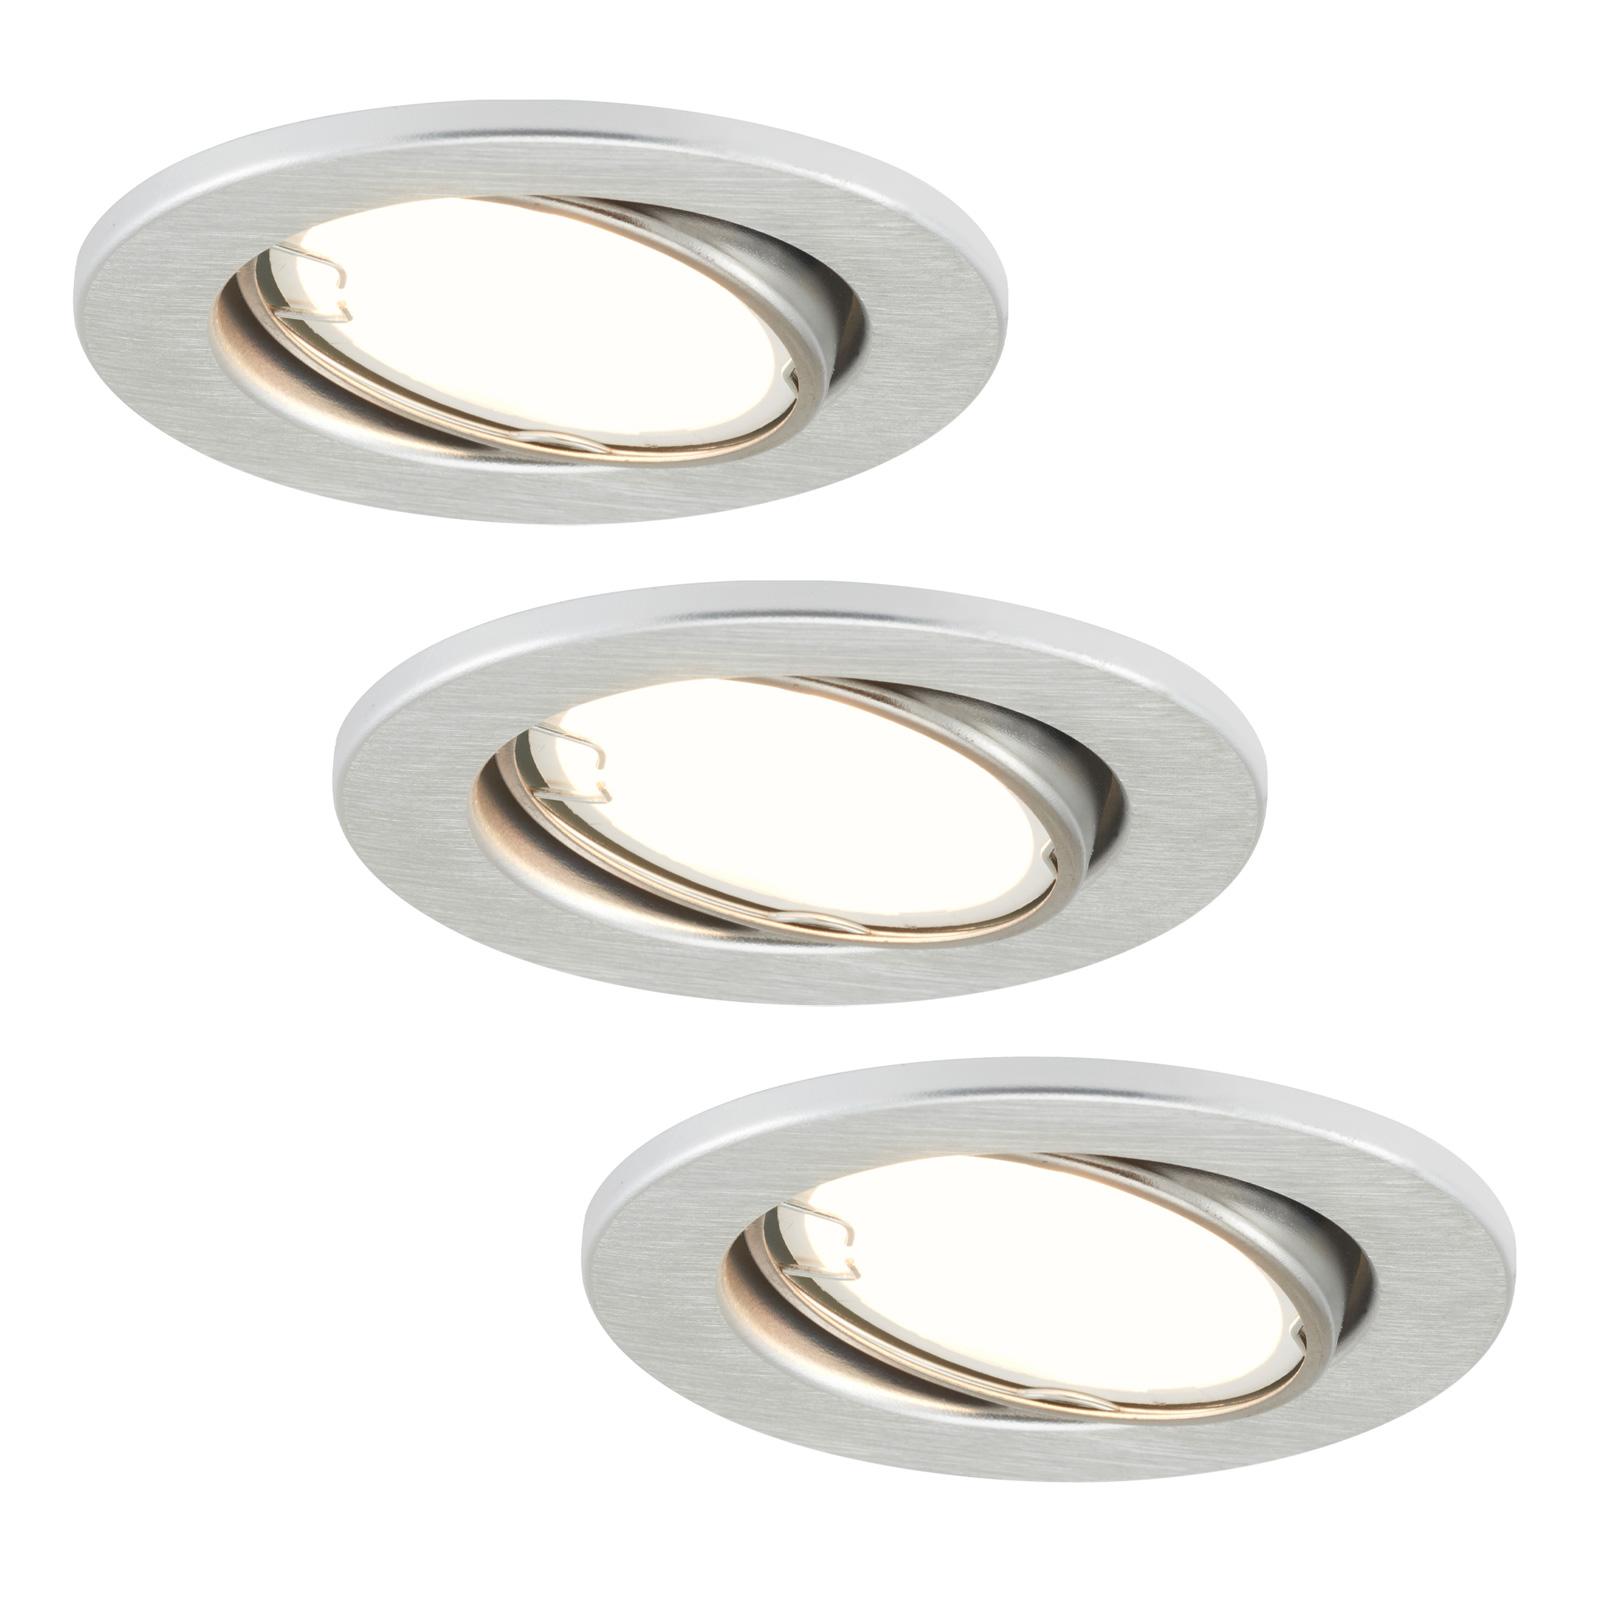 LED-Einbauleuchten 7221-039 Fit 3er-Set in Alu